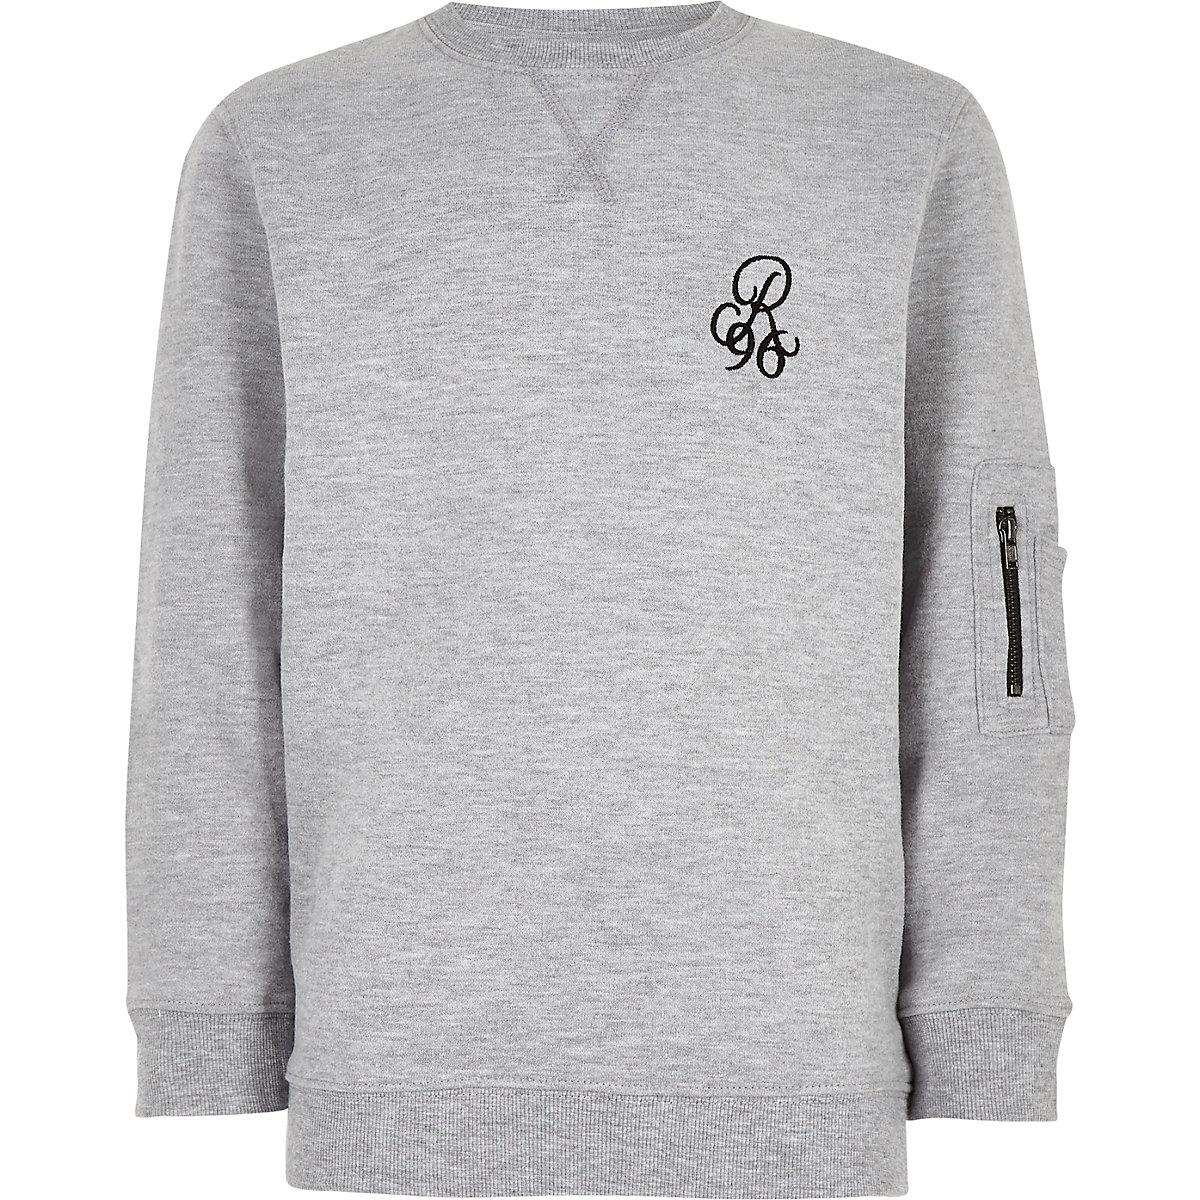 Boys grey 'R96' sweatshirt